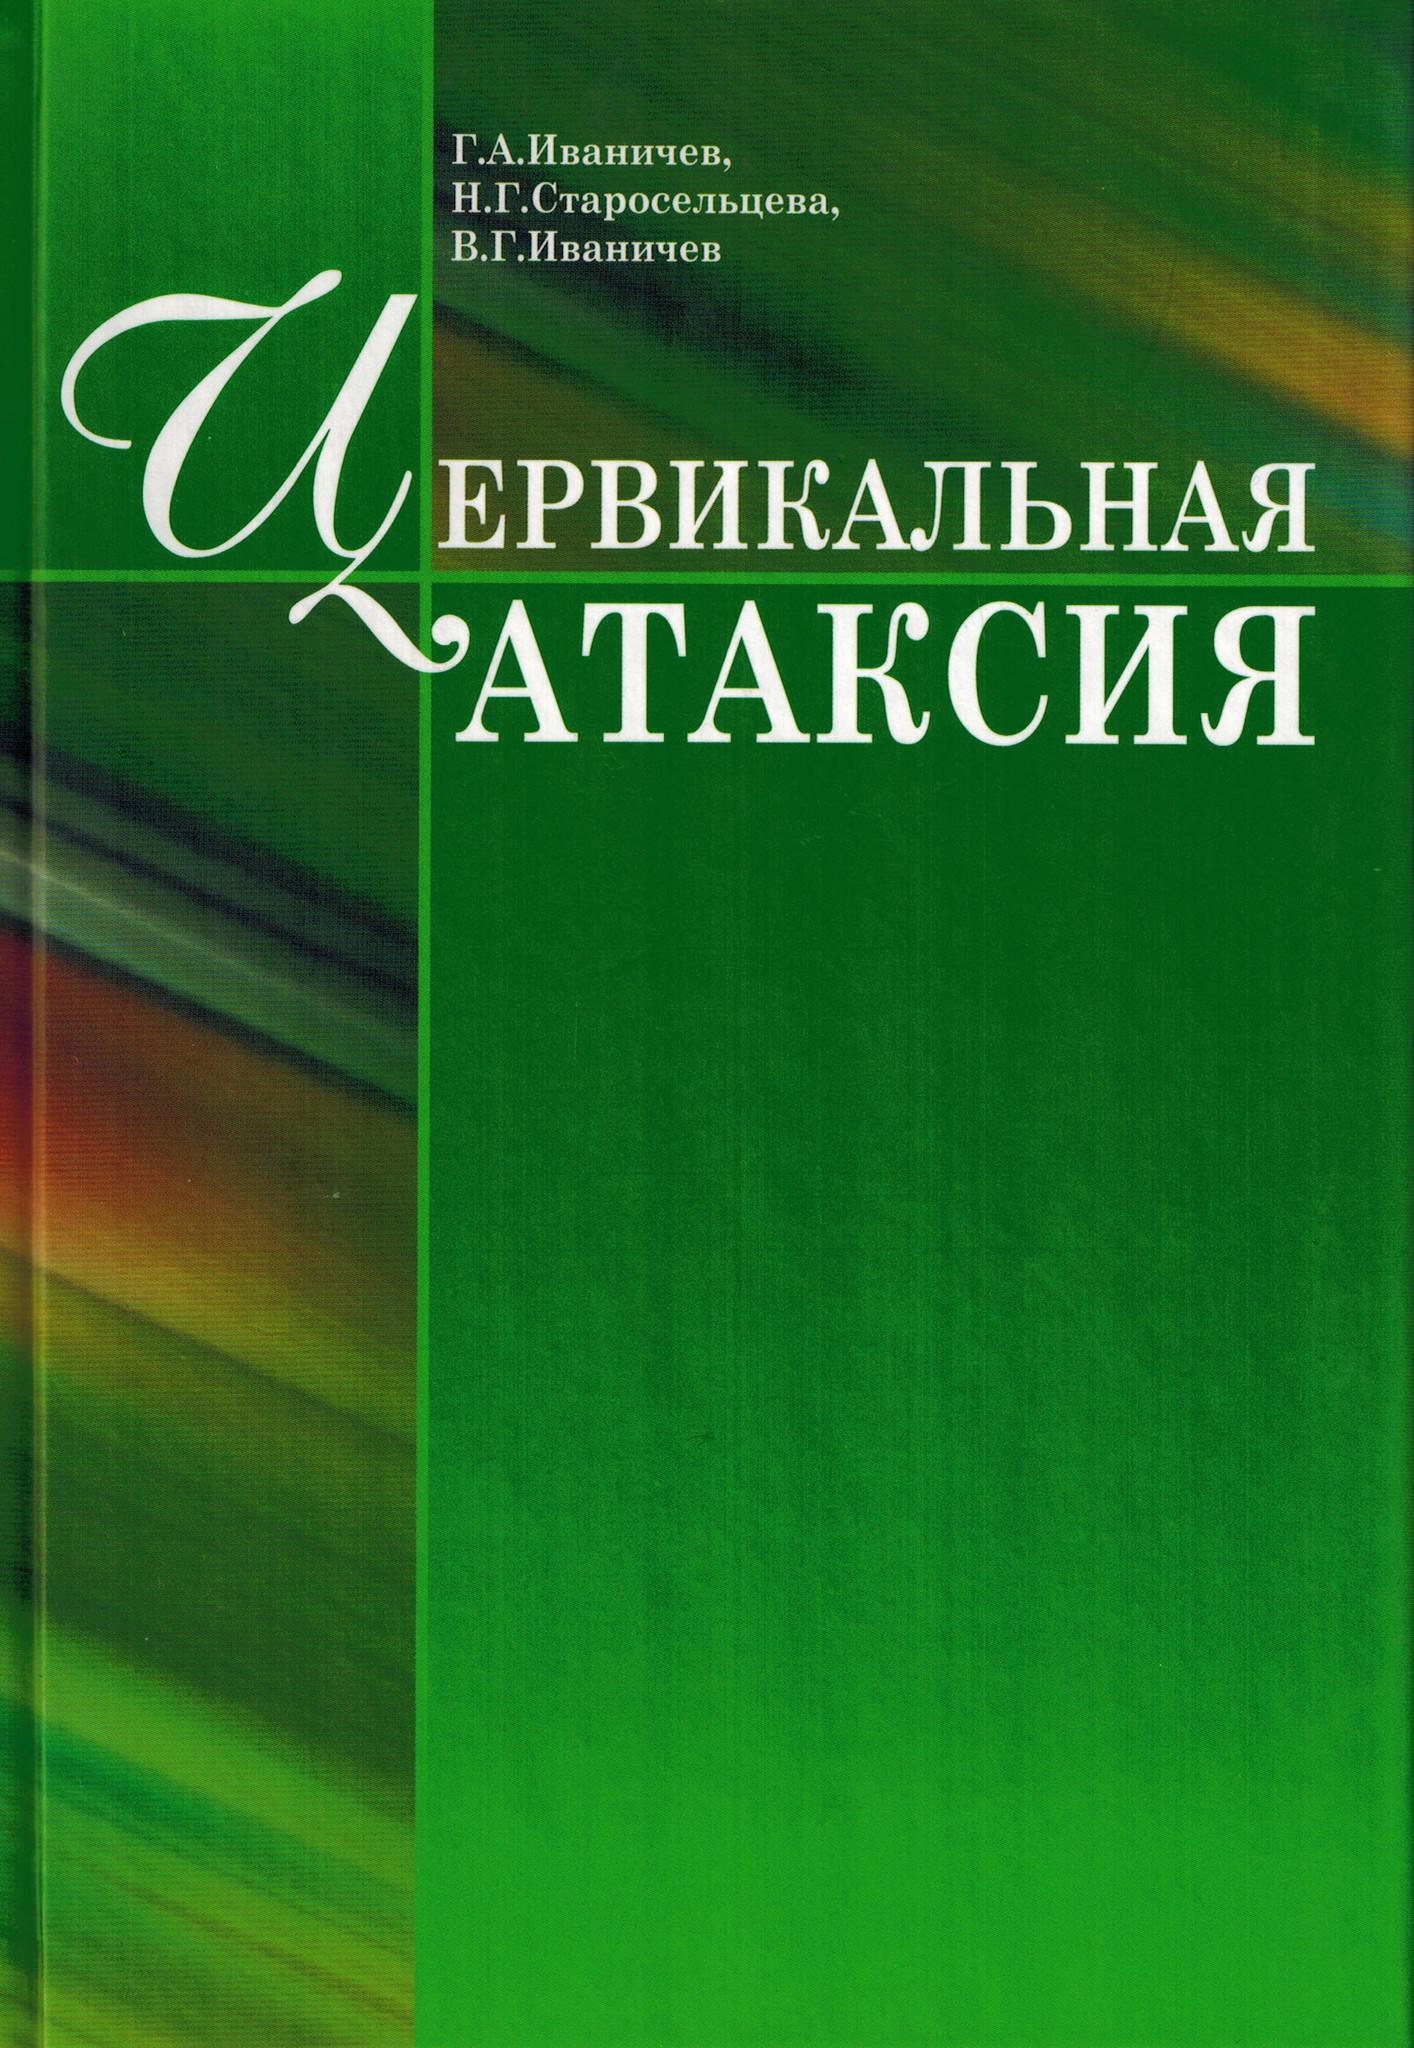 Книги по головокружению Цервикальная атаксия (шейное головокружение) ca1.jpg